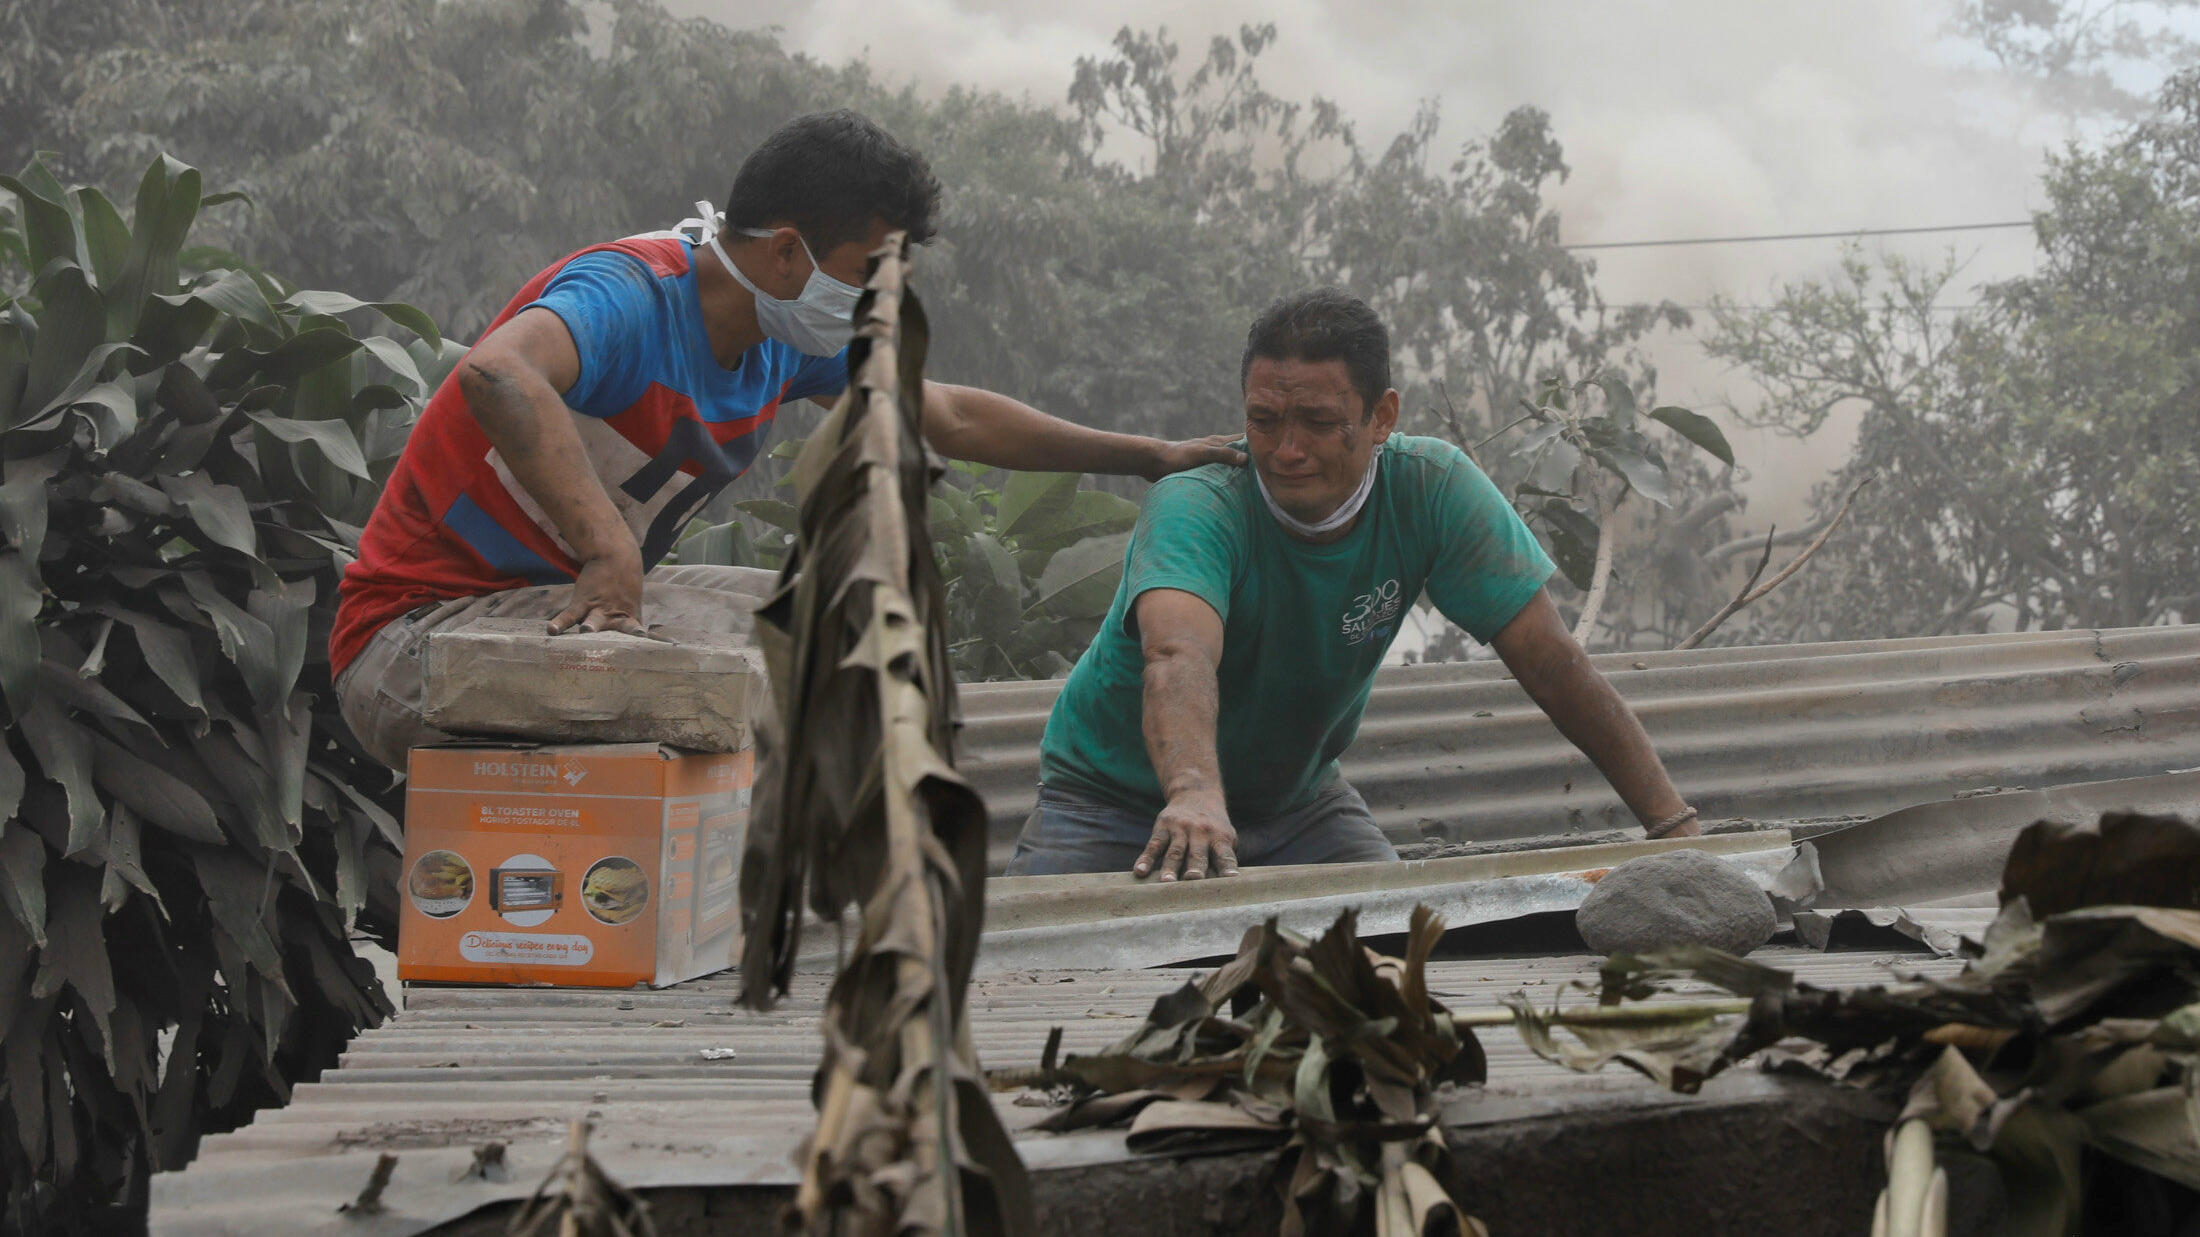 Walter Amilcar García, de 42 años, reacciona al visitar su casa dañada después de la erupción del Volcán Fuego en El Rodeo, Escuintla, Guatemala el 6 de junio de 2018.